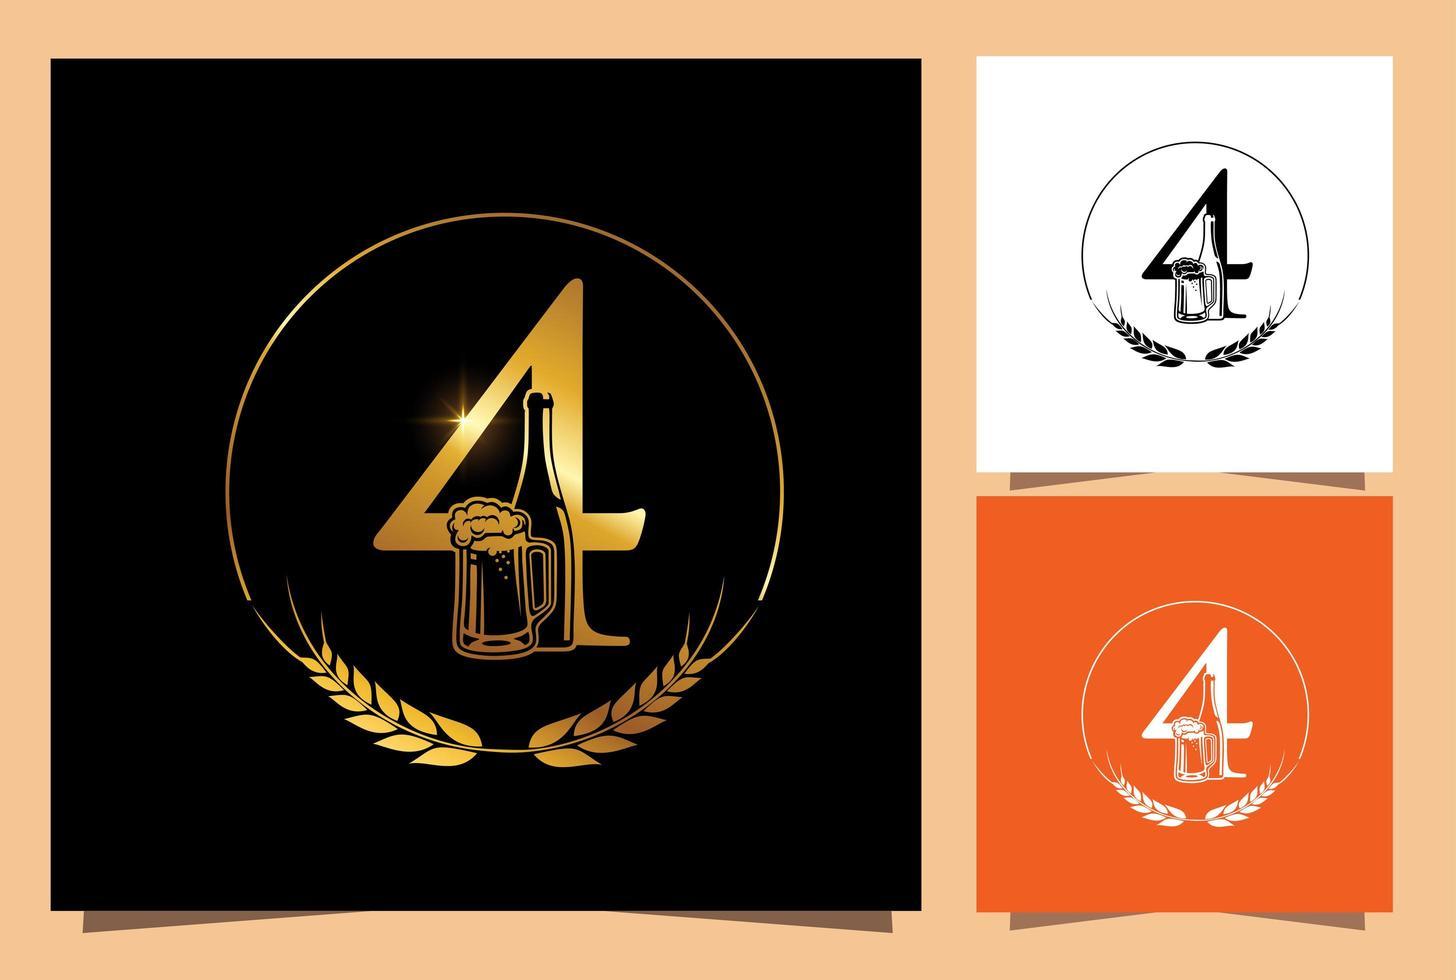 vaso de oro y botella de cerveza numérico 4 vector